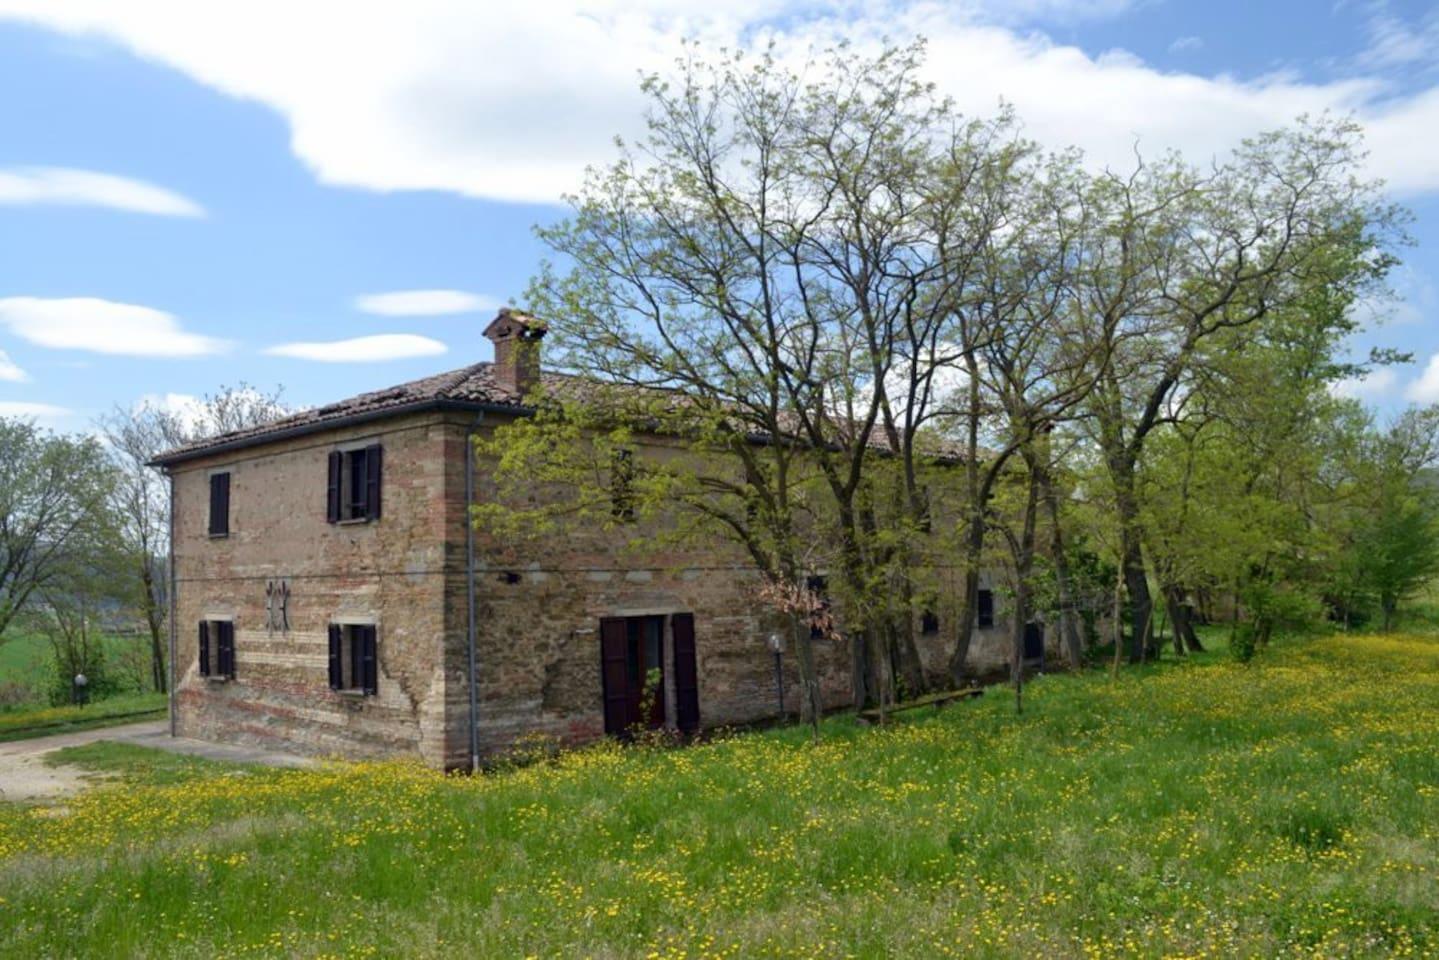 UMBRIA COUNTRY HOUSE NEAR GUBBIO AS